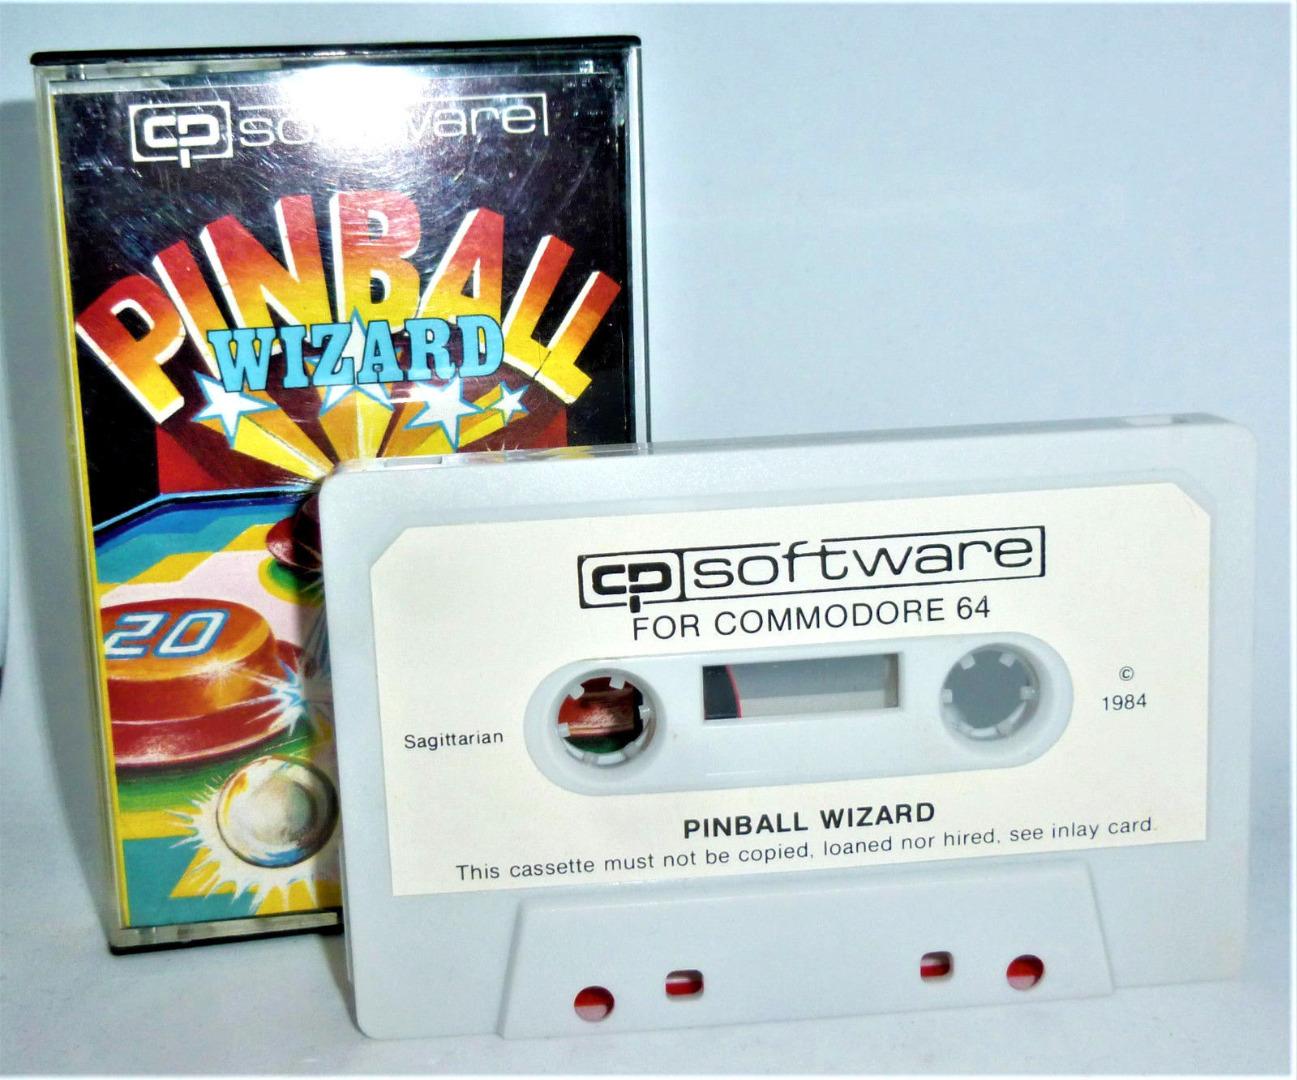 C64 - Pinball Wizard - Kassette / Datasette - 2